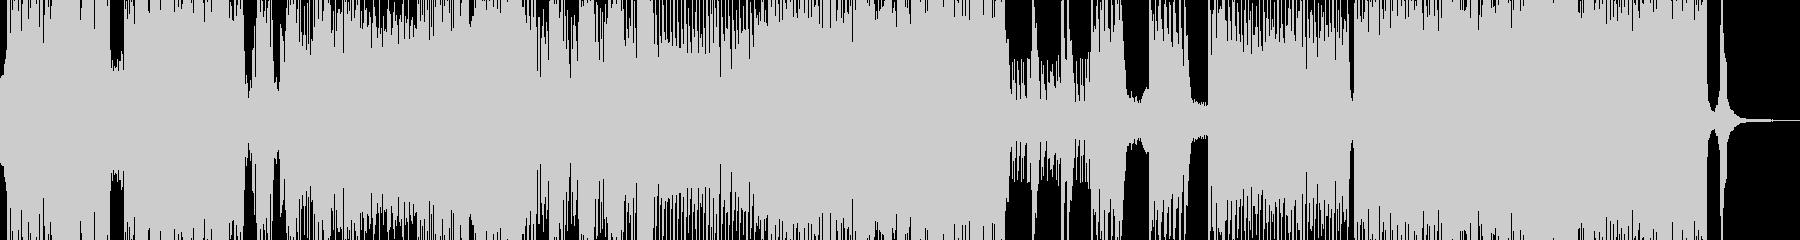 戦闘・燃え盛るシンフォニックメタル 短尺の未再生の波形